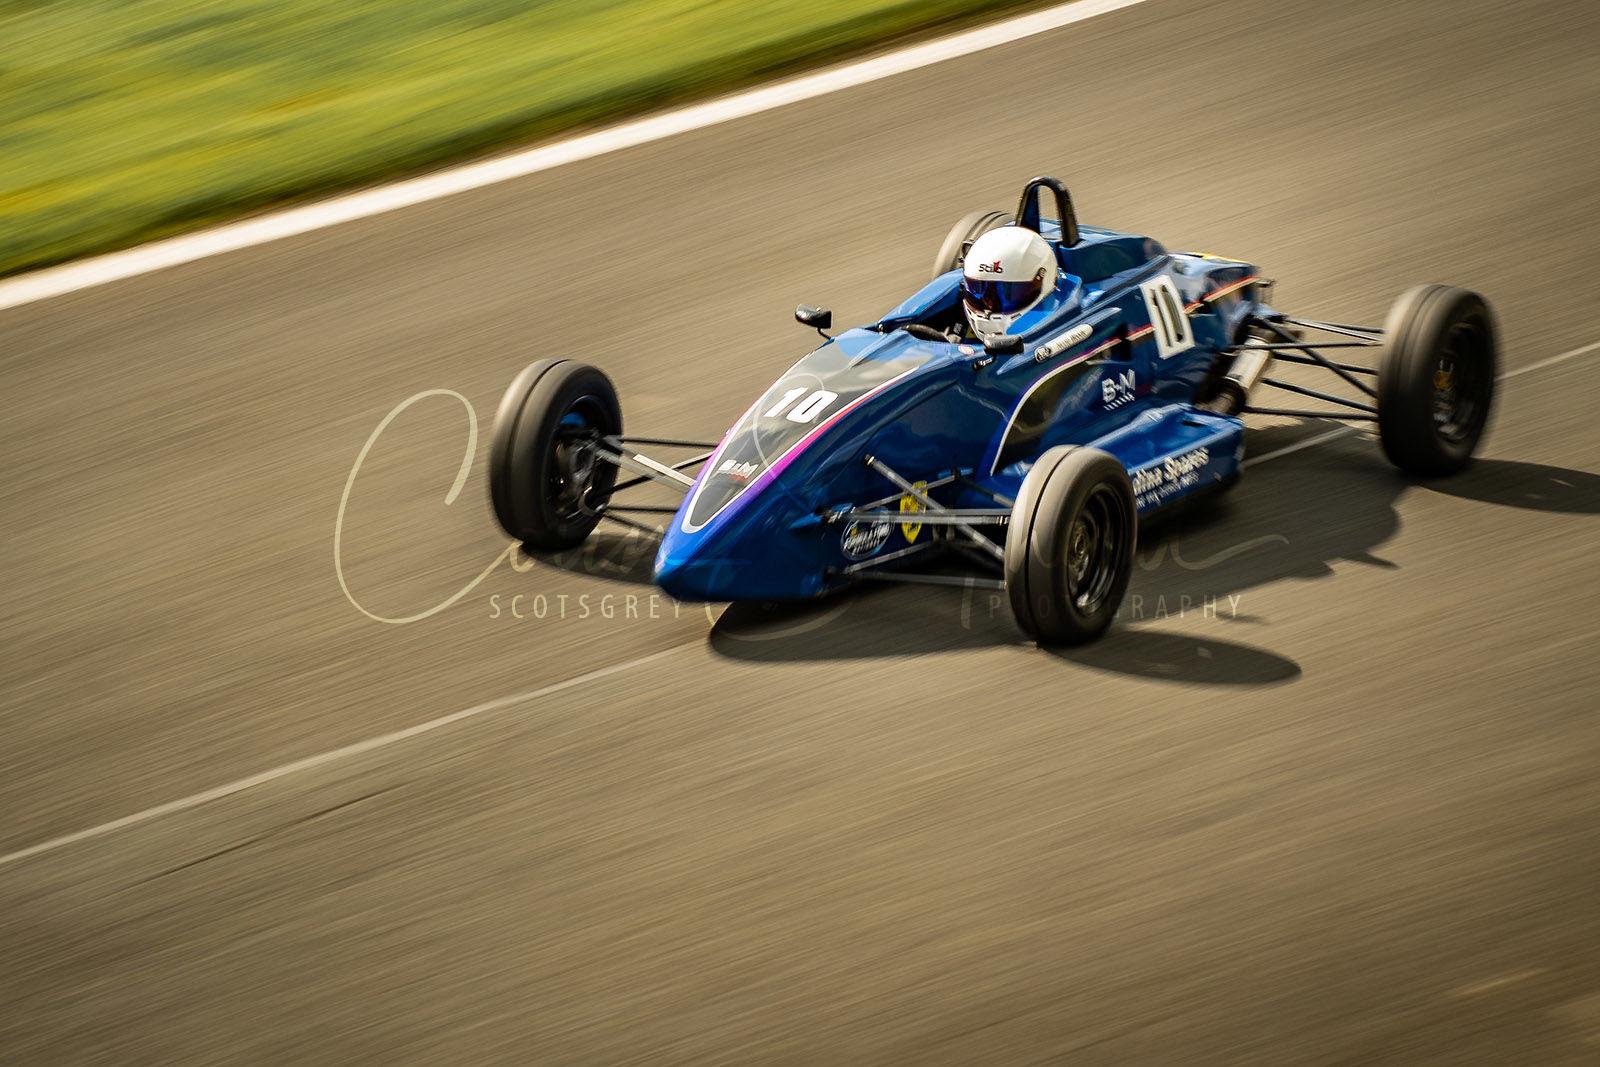 Van Diemen JL15 - Nicole Woods - B-M Racing